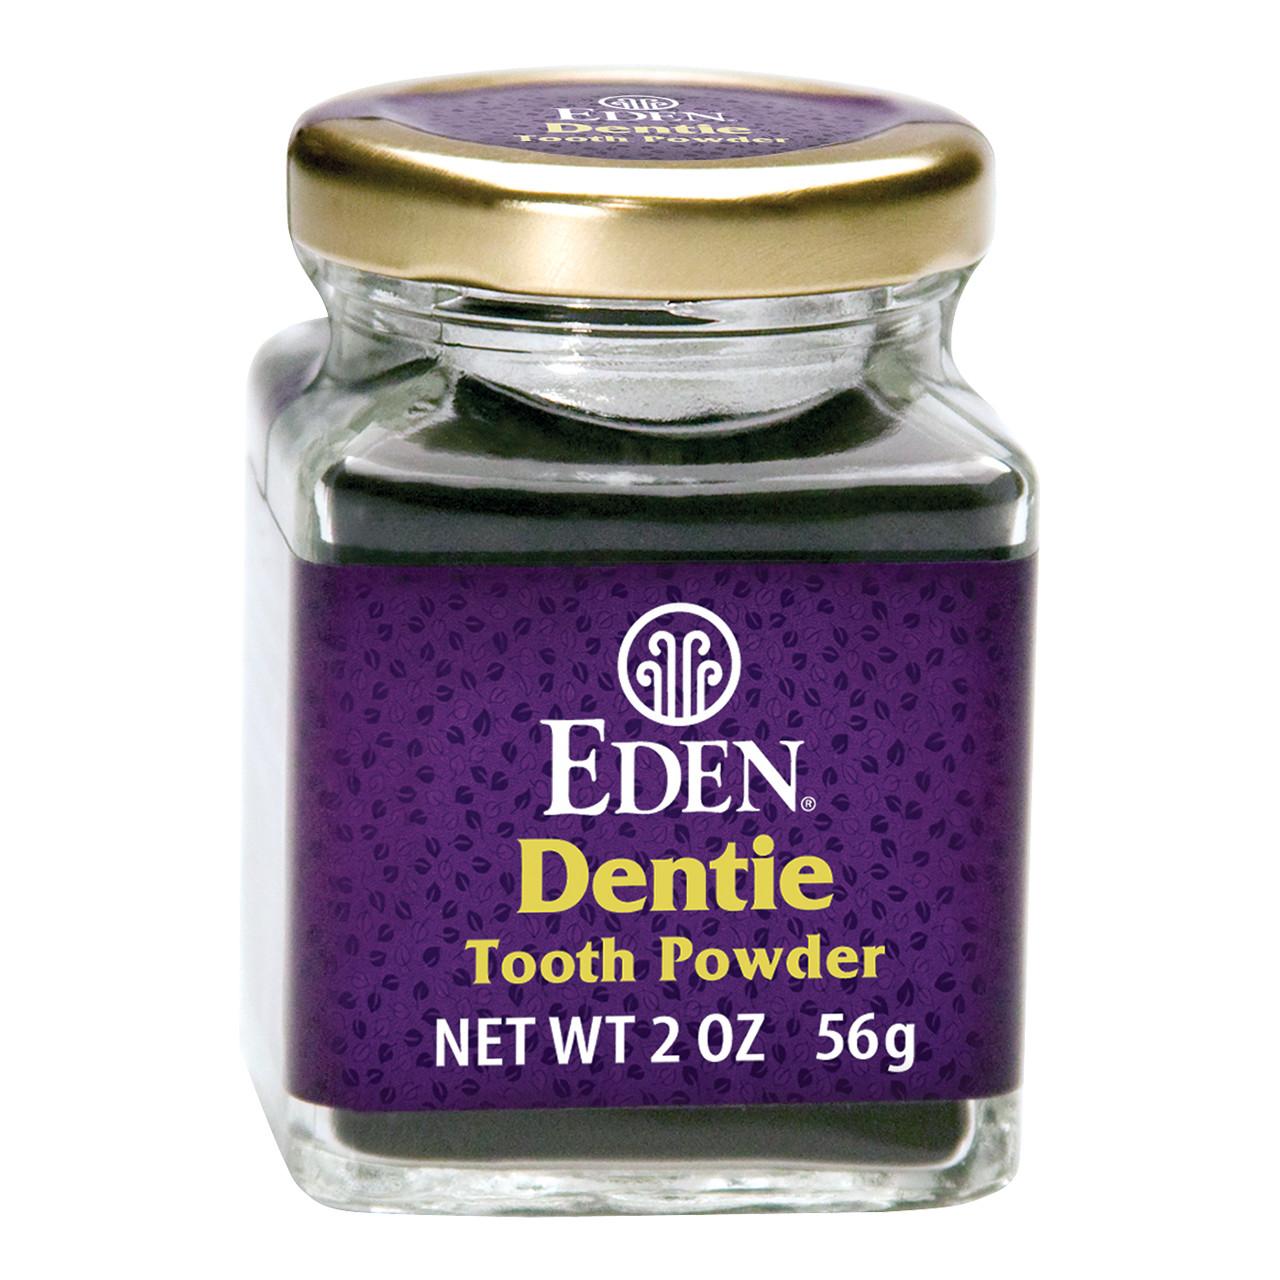 Dentie Tooth Powder